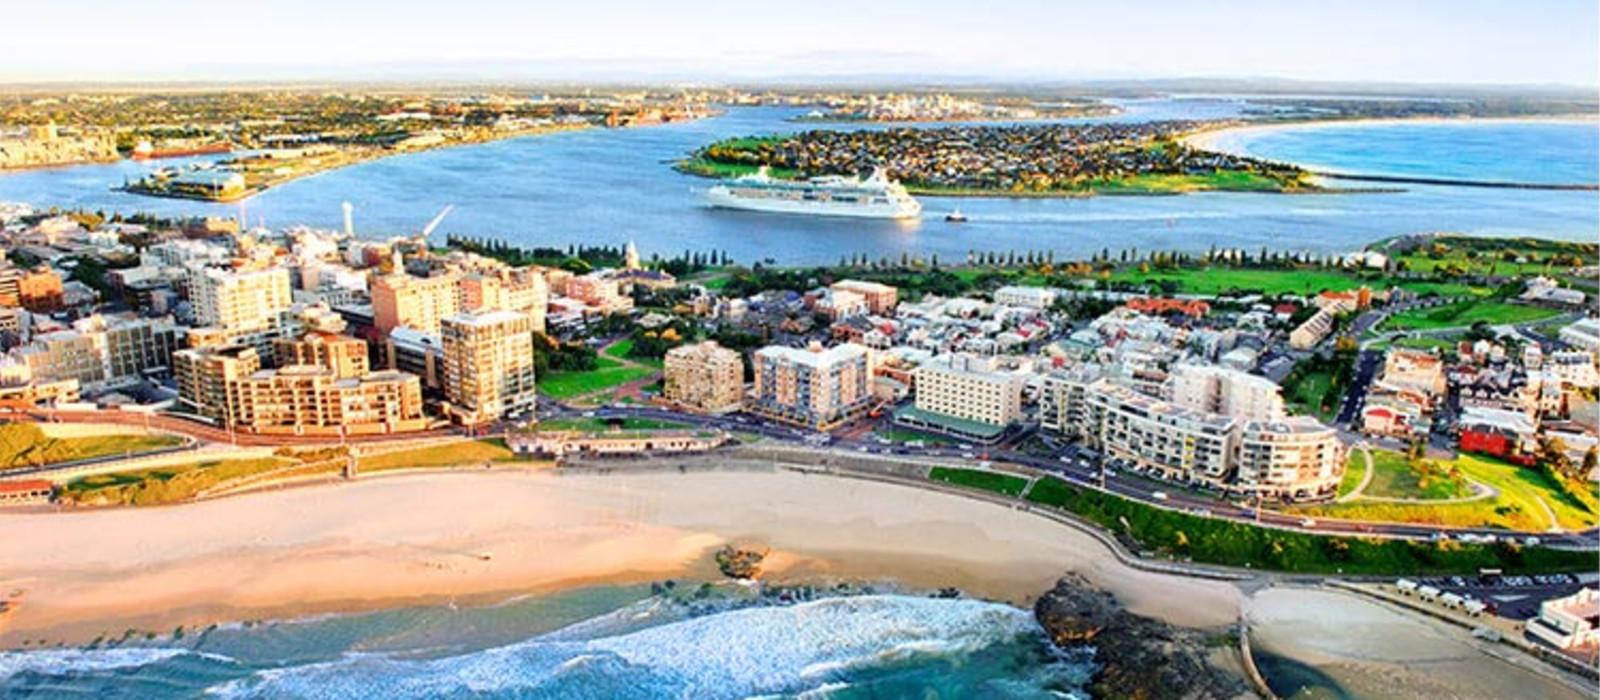 Reiseziel Newcastle Australien